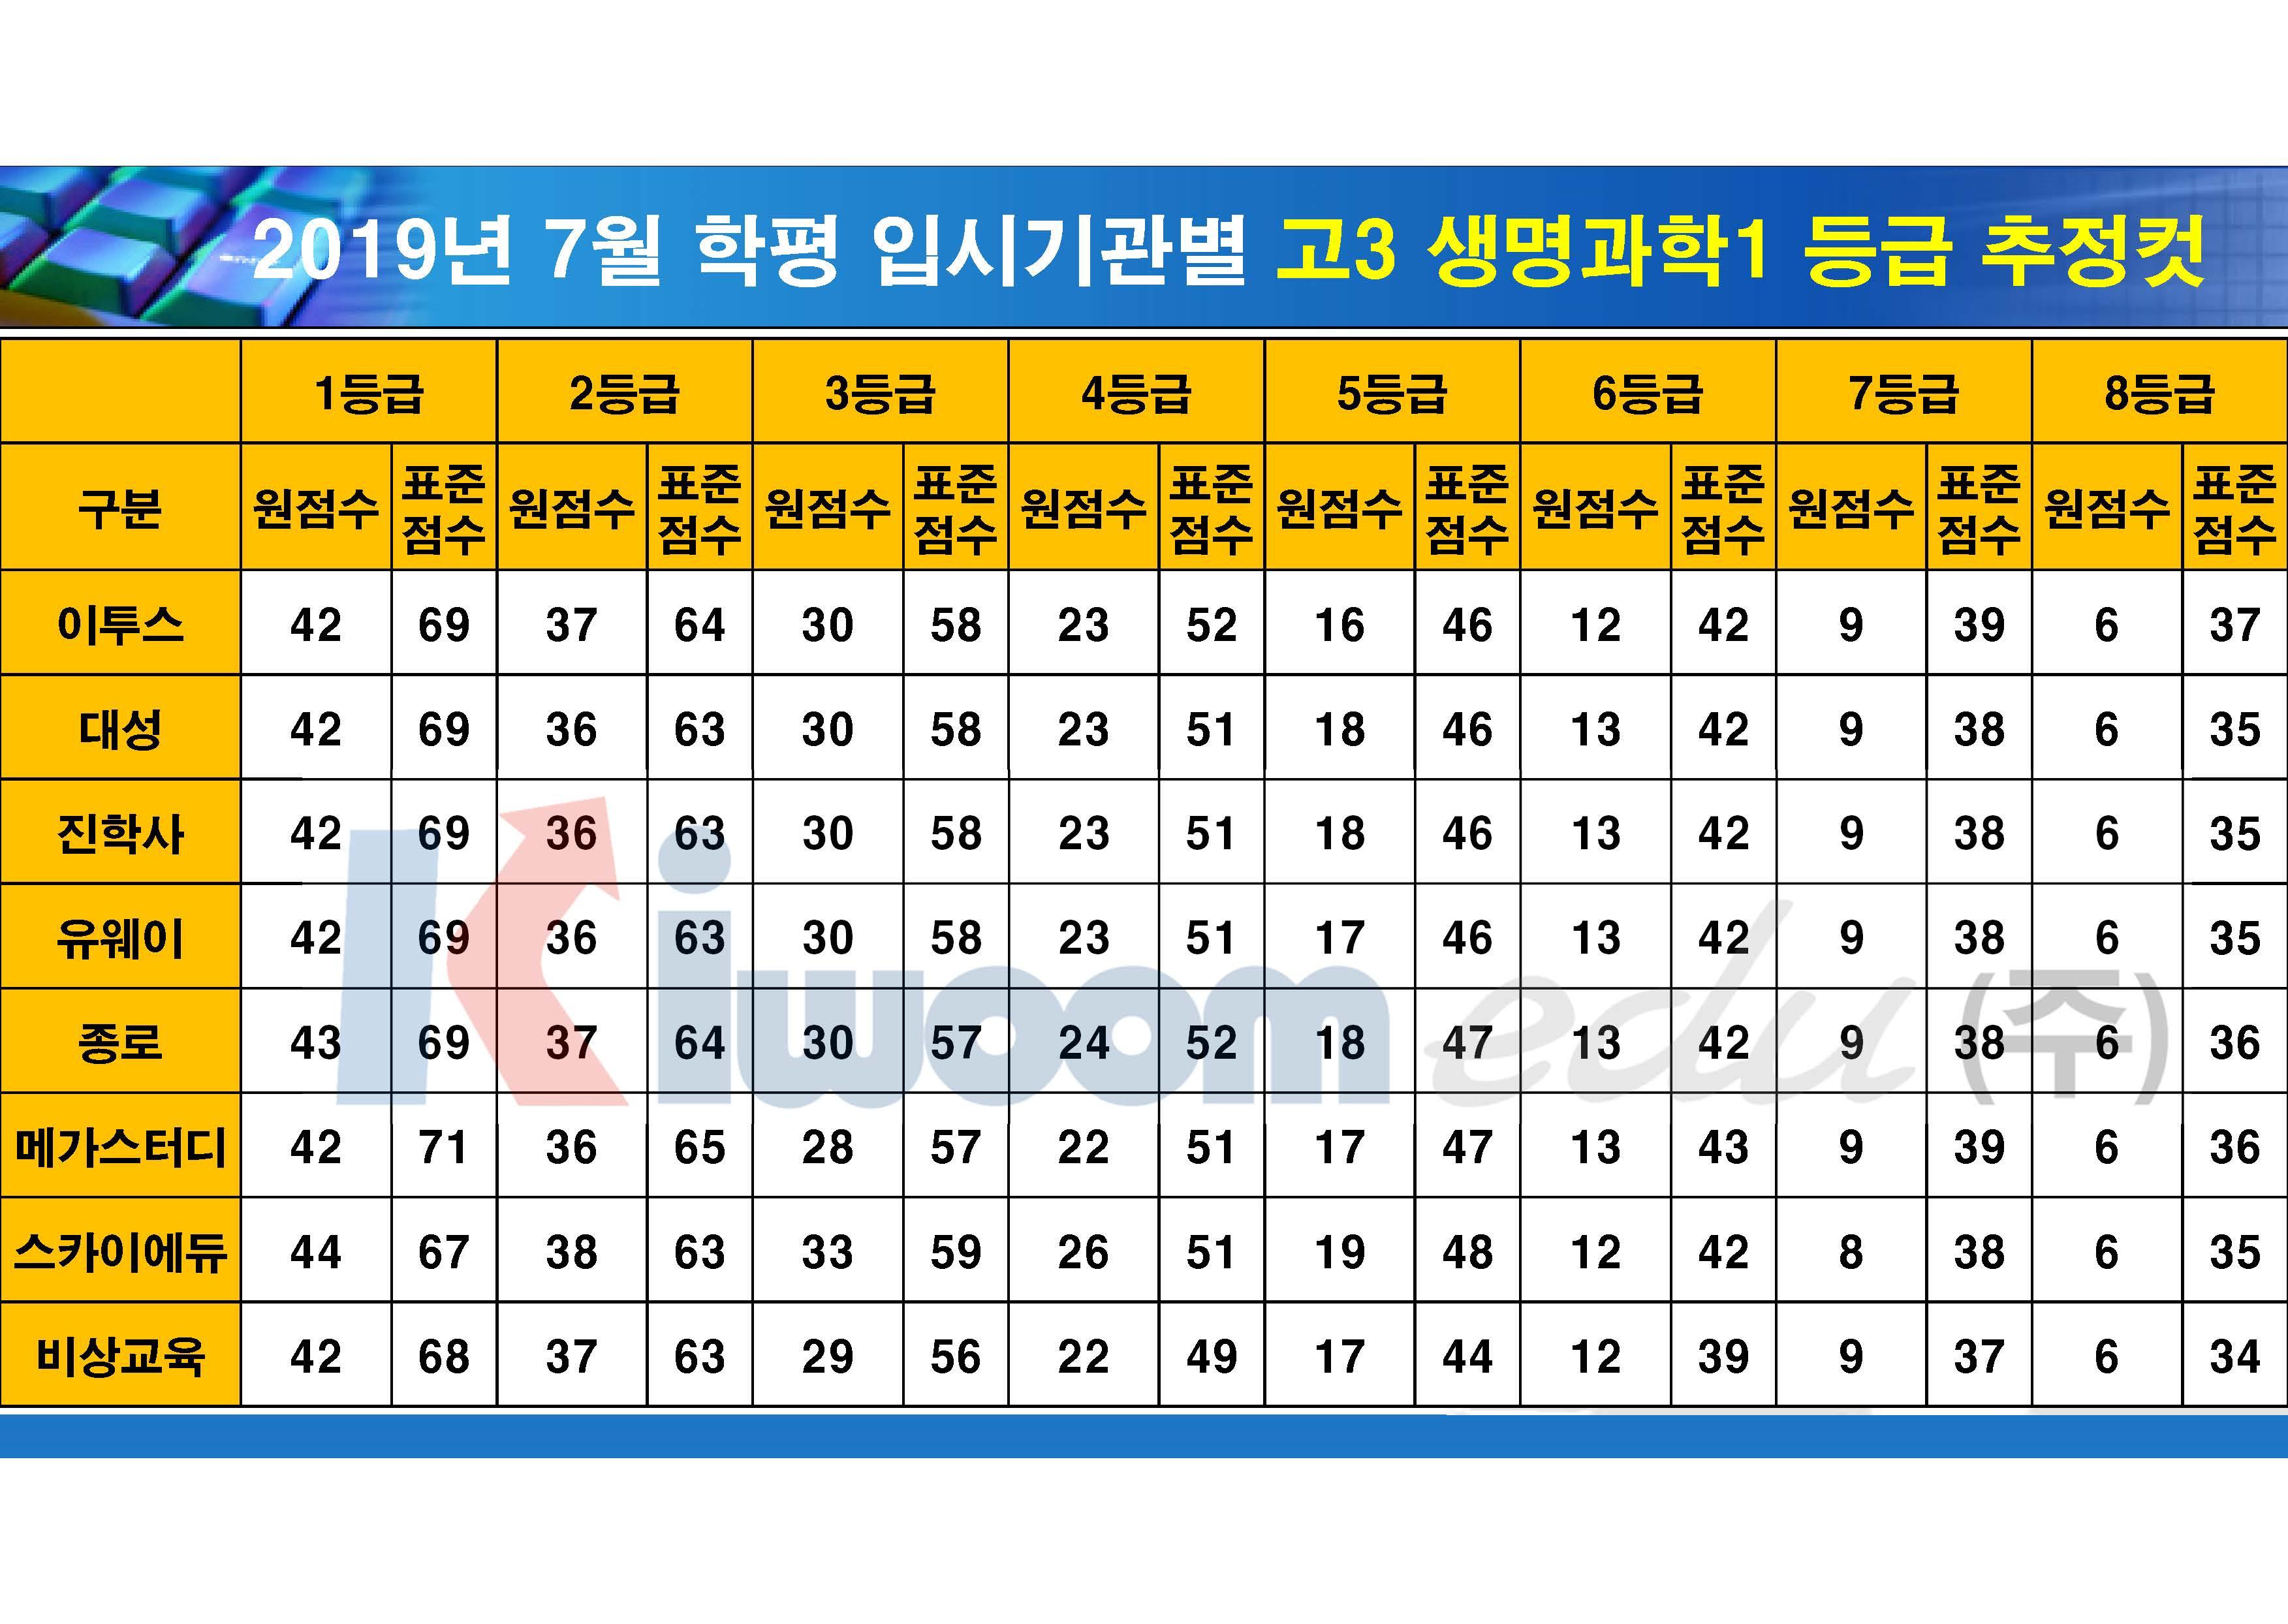 2019 7월 모의고사 입시기관별 등급컷(고3)_20190711_안지훈#1(16시 30분 기준)_Page_17.jpg